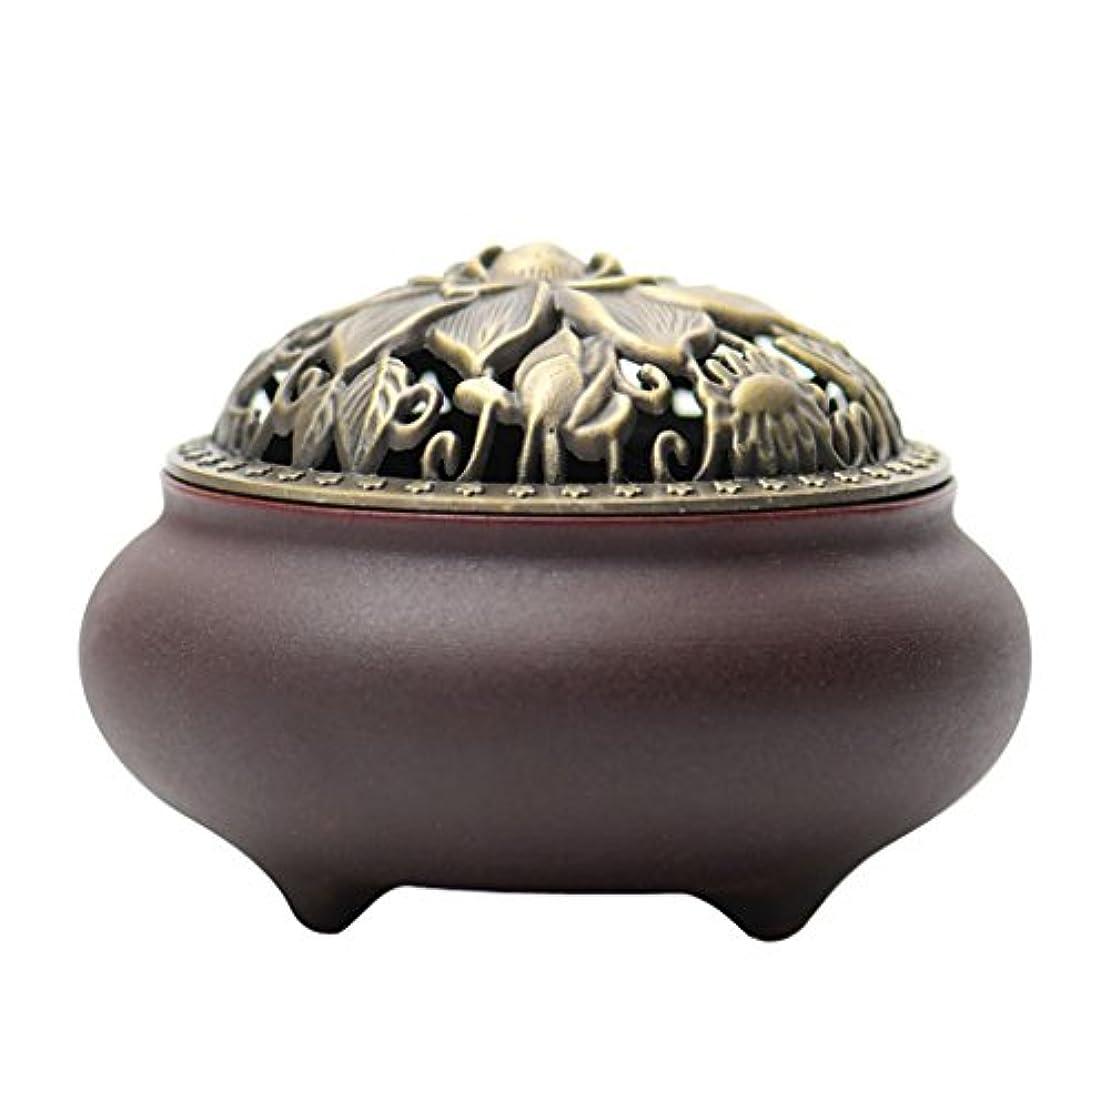 余裕がある収穫余剰(ラシューバー) Lasuiveur 香炉 線香立て 香立て 職人さんの手作り 茶道用品 おしゃれ  木製 透かし彫り